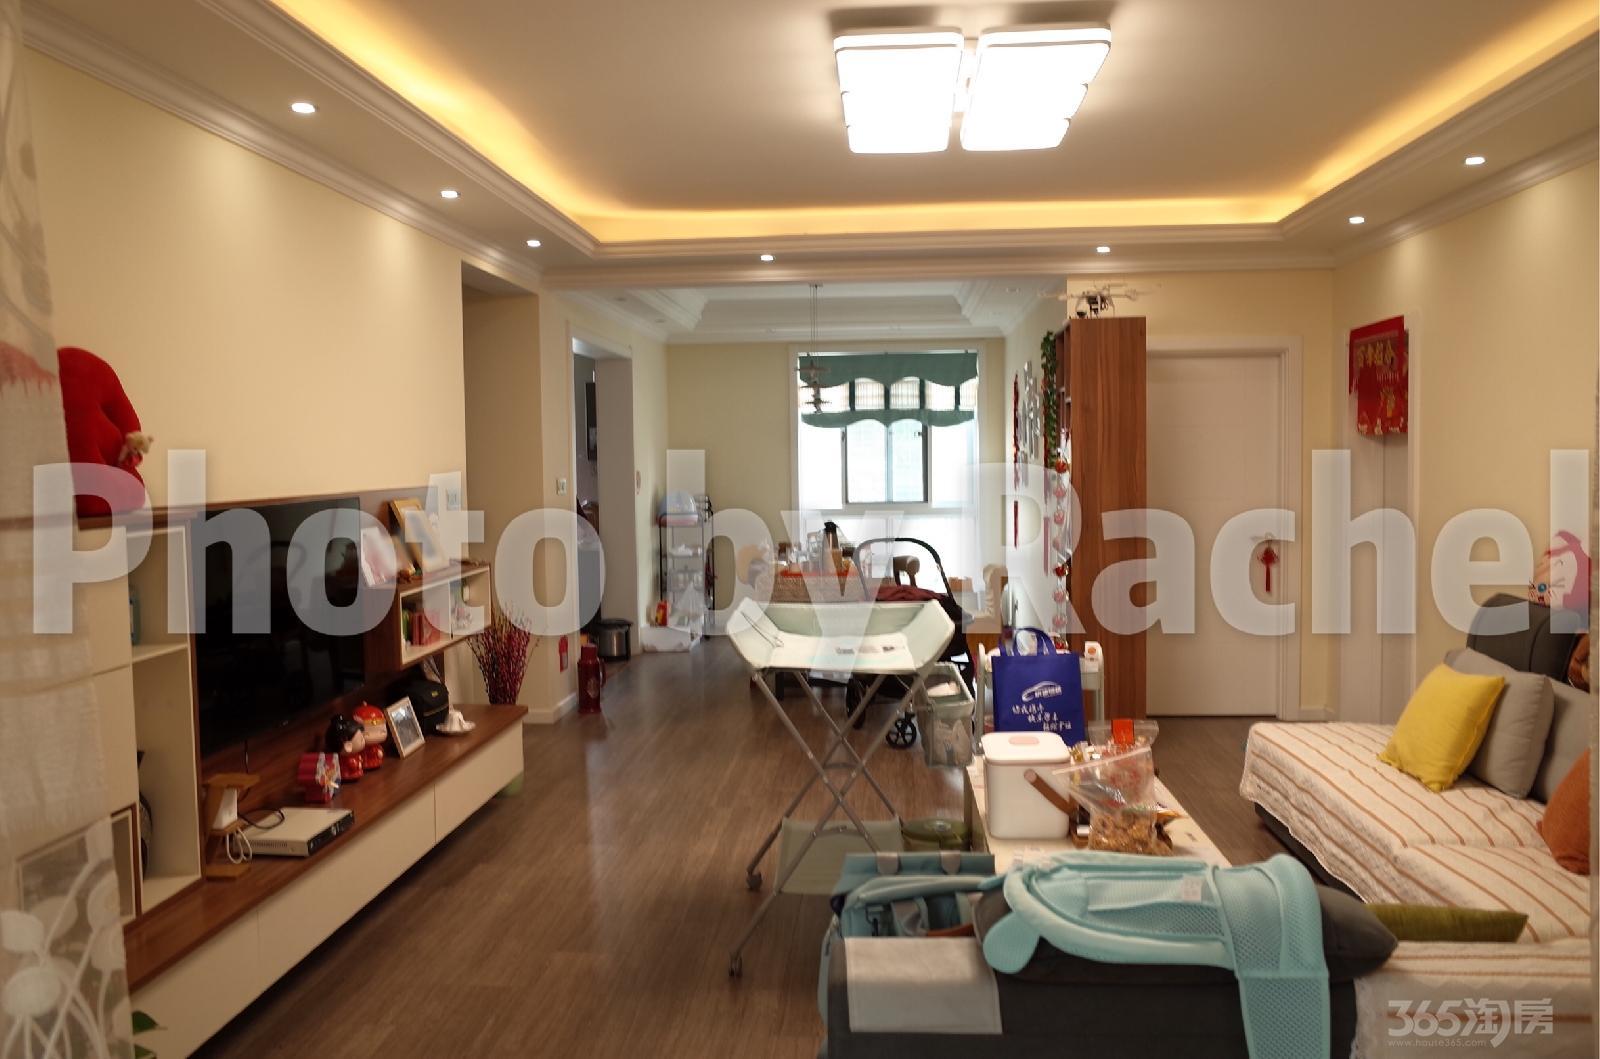 秀山信达城3室2厅2卫144平米豪华装产权房2015年建满二